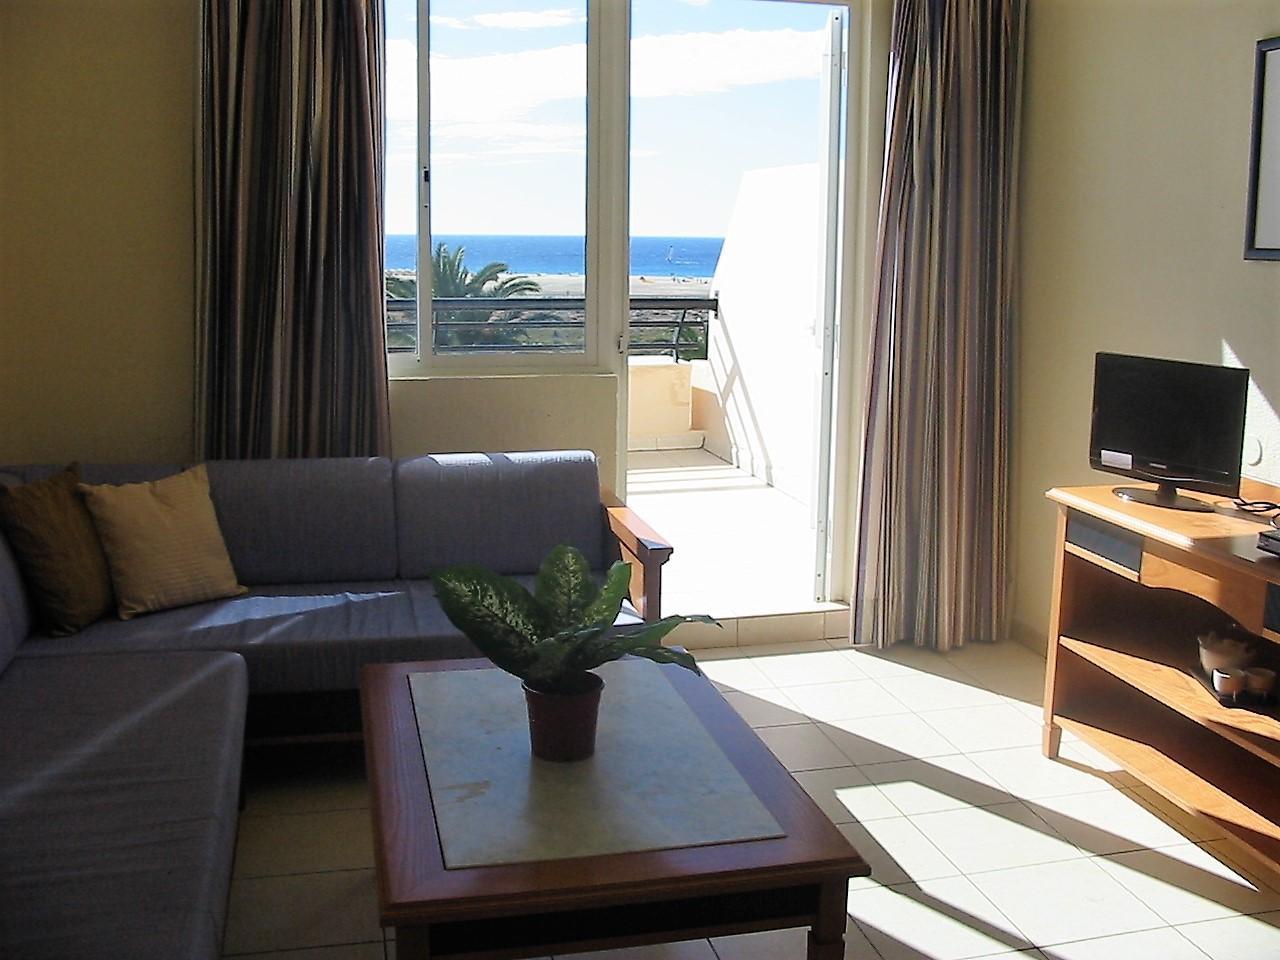 Ferienwohnung Apartment 2 / 4p am Strand und mit allen Dienstleistungen, mit Meerblick, Swimmingpools, a (487787), Morro Jable, Fuerteventura, Kanarische Inseln, Spanien, Bild 6